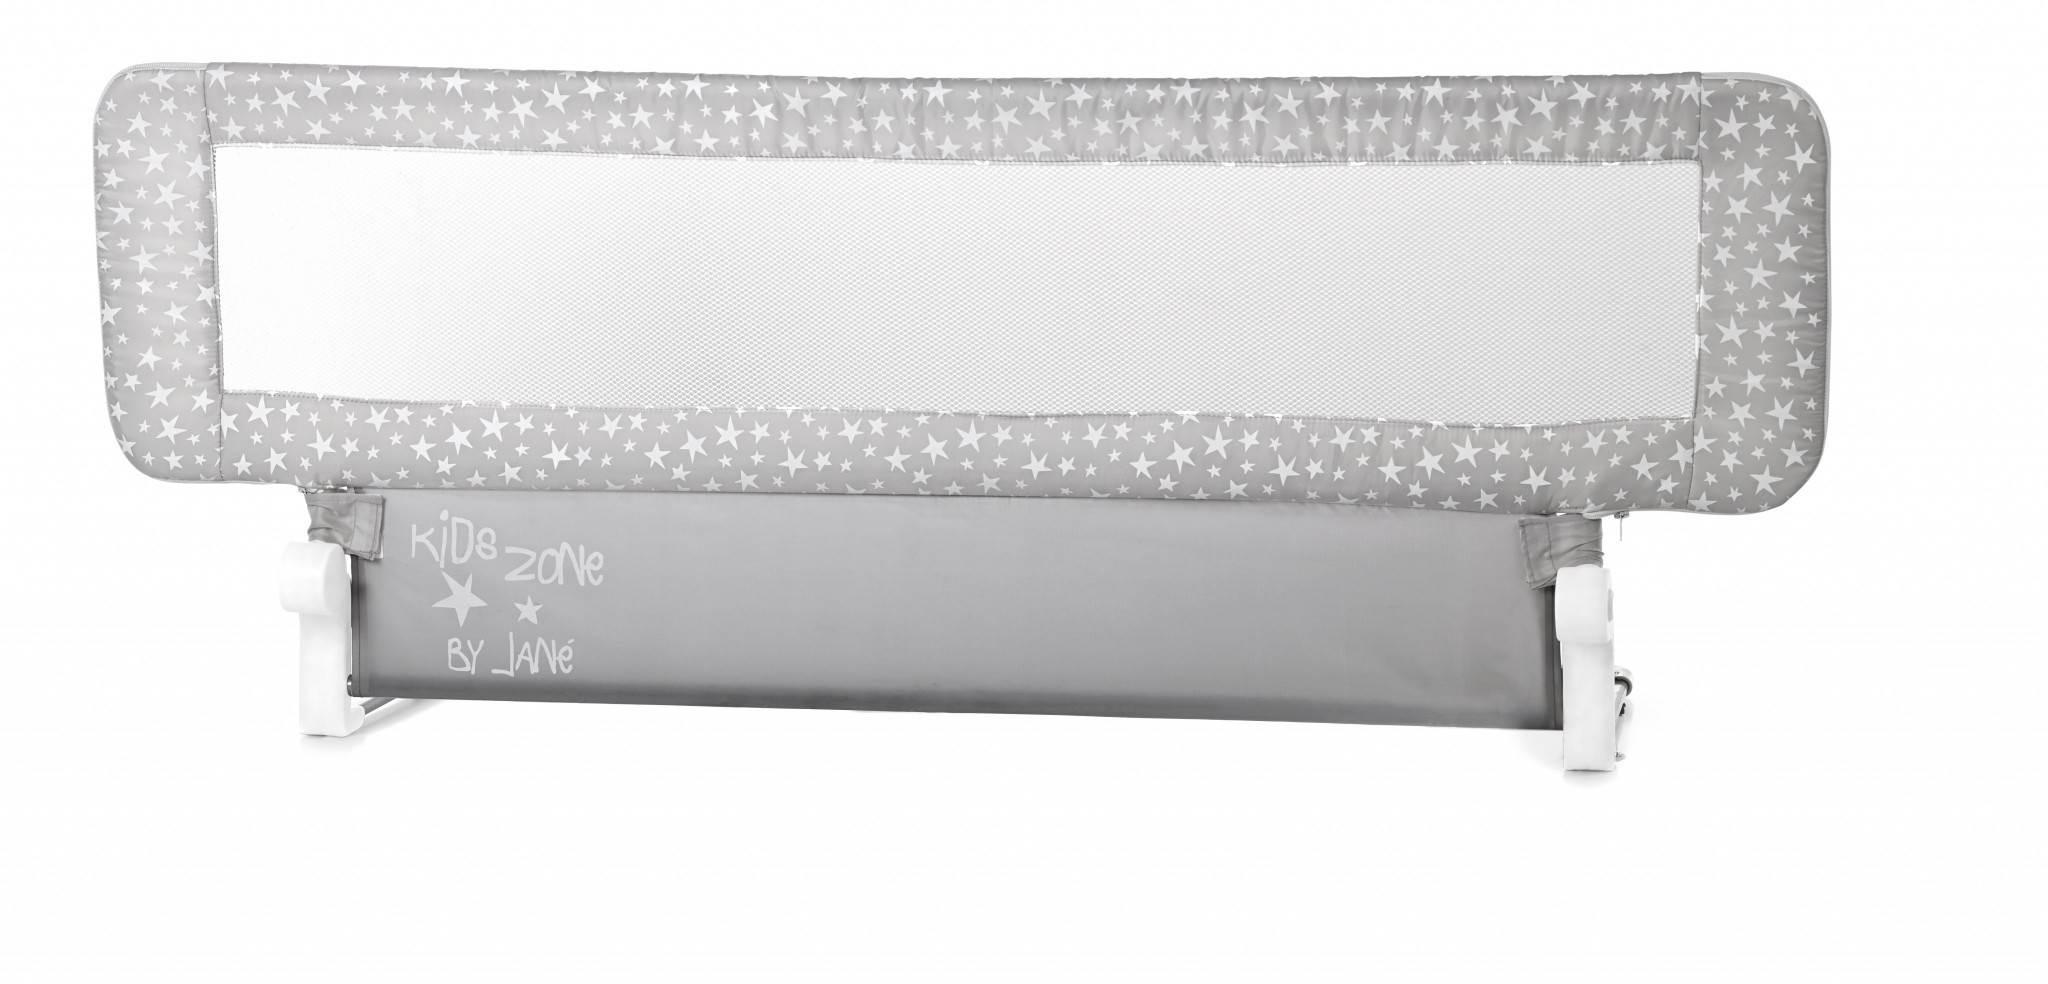 Barrera para cama compacta 140cm abatible 180º